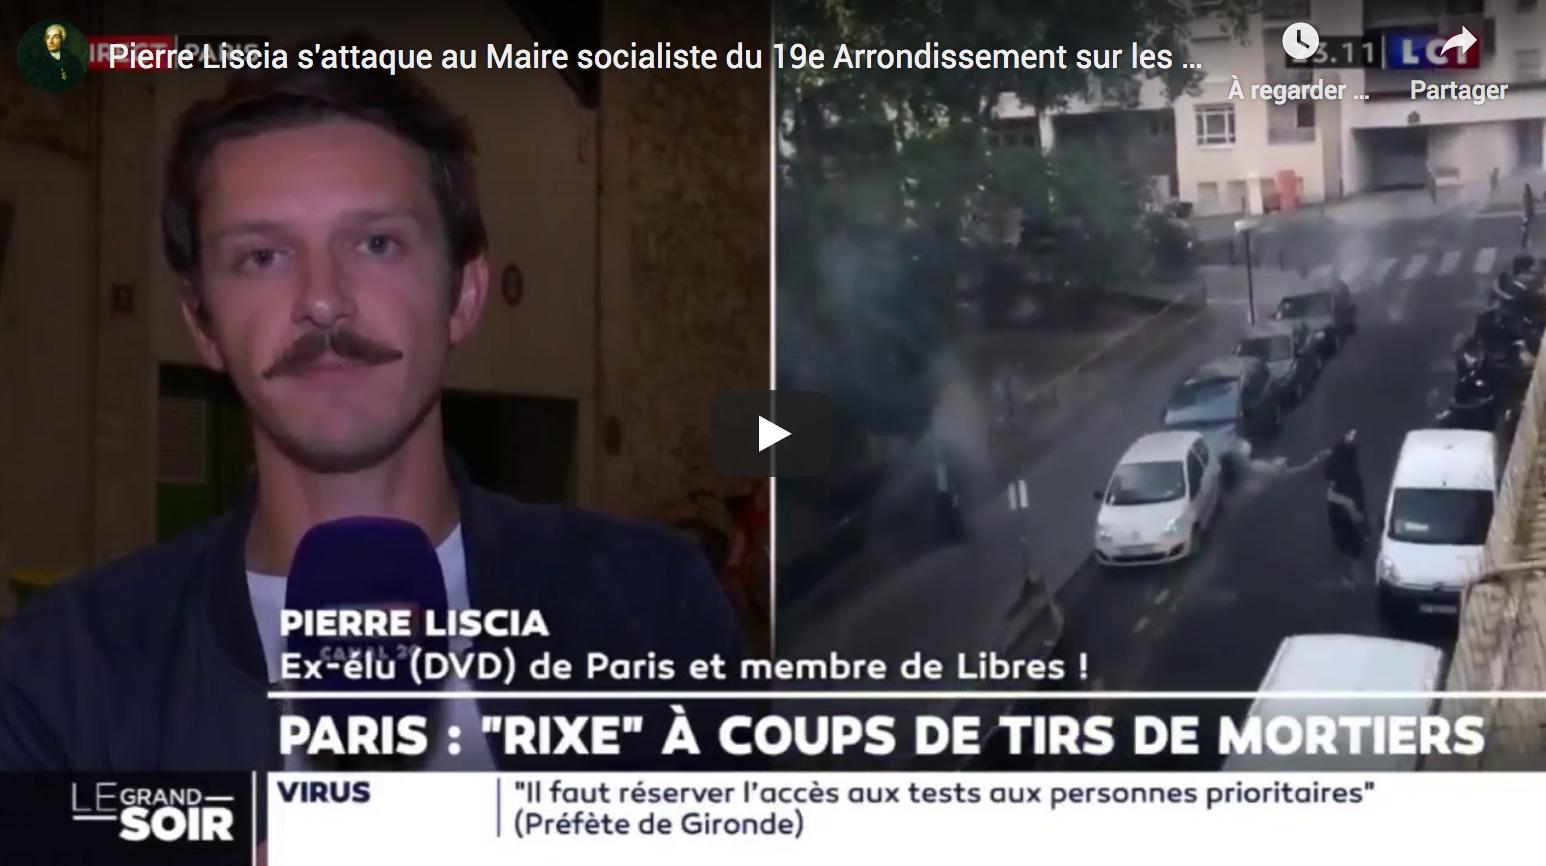 Pierre Liscia s'attaque au maire socialiste du 19e arrondissement sur les tirs de mortiers (rixe)